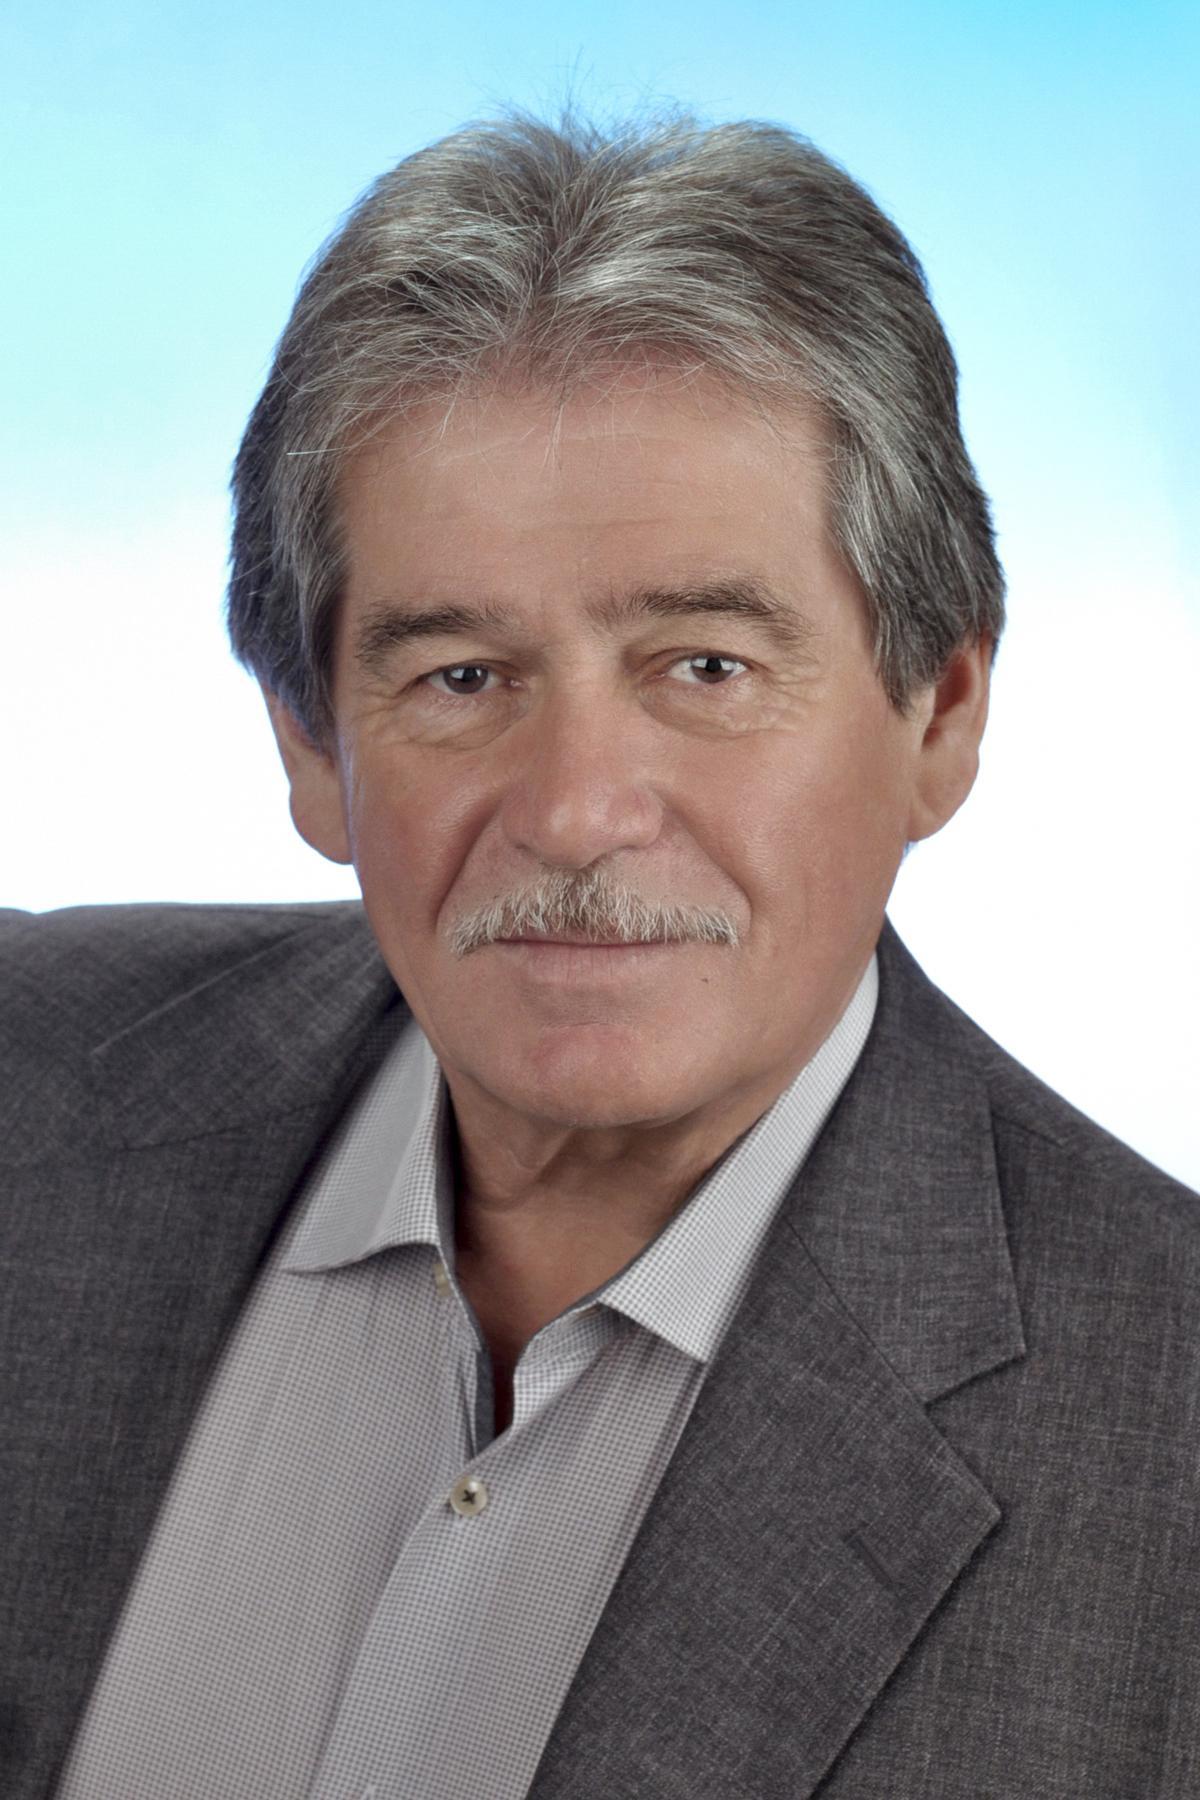 Herbert Breitkopf